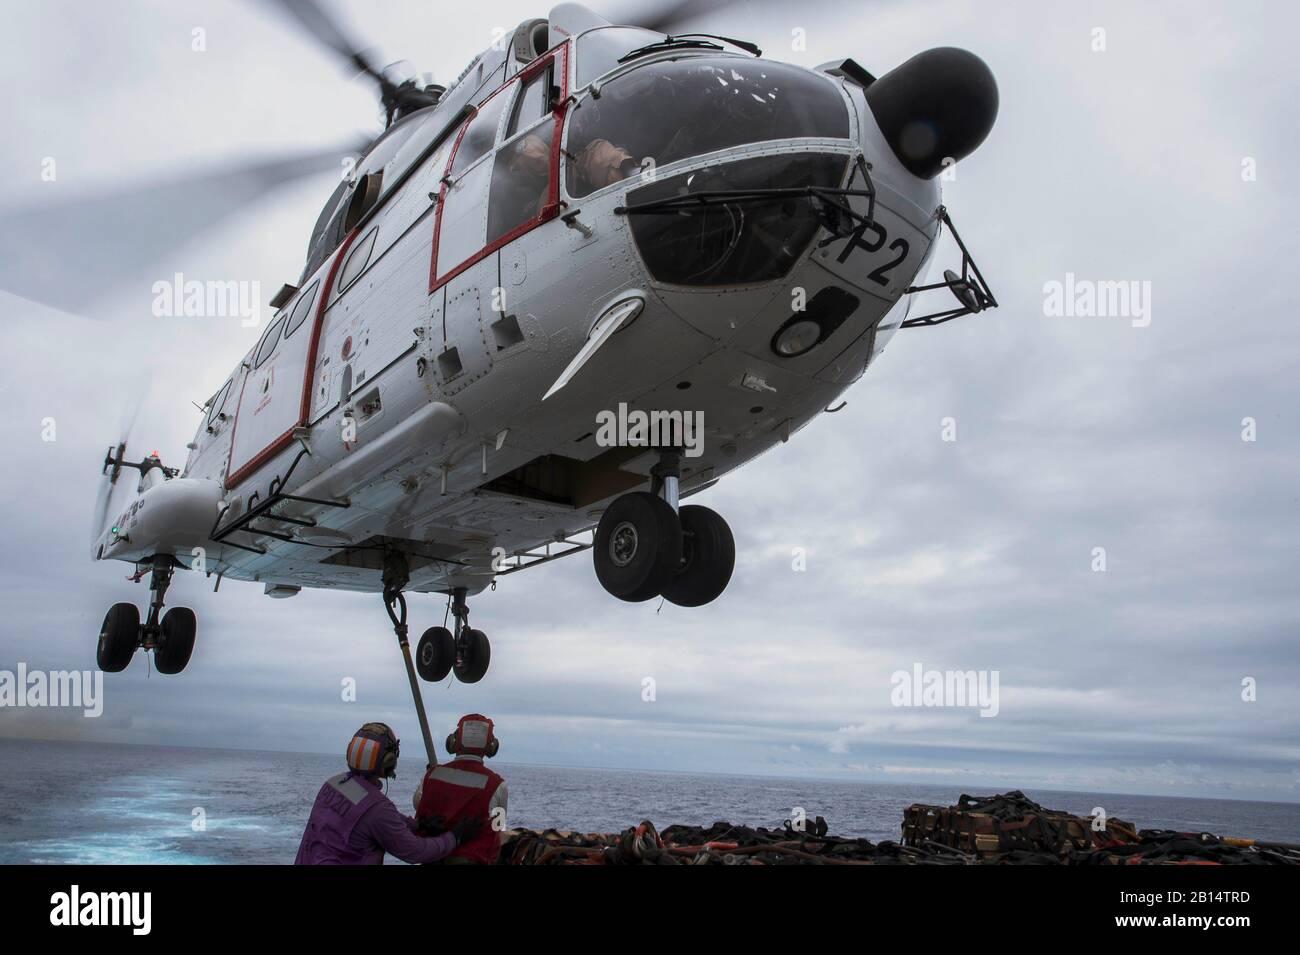 170320-N-ZL062-742 el Mar de China oriental (20 de marzo de 2017) Los marineros adjuntar la carga a un SA-330J helicóptero Puma, asignado para el transporte marítimo de carga seca de comandos militares y municiones buque USNS Richard E. Byrd (T-AKE 4), en la cubierta de vuelo del buque anfibio de transporte dock USS Green Bay (LPD 20) durante un reabastecimiento vertical. Green Bay, parte del Grupo de ataque expedicionario Bonhomme Richard, iniciado con la 31ª Unidad Expedicionaria de los Infantes de Marina, es un patrullaje de rutina, que operan en la región del Pacífico Indo-Asia para mejorar warfighting disposición y postura hacia adelante como una fuerza de respuesta para cualquier tipo de contin Foto de stock